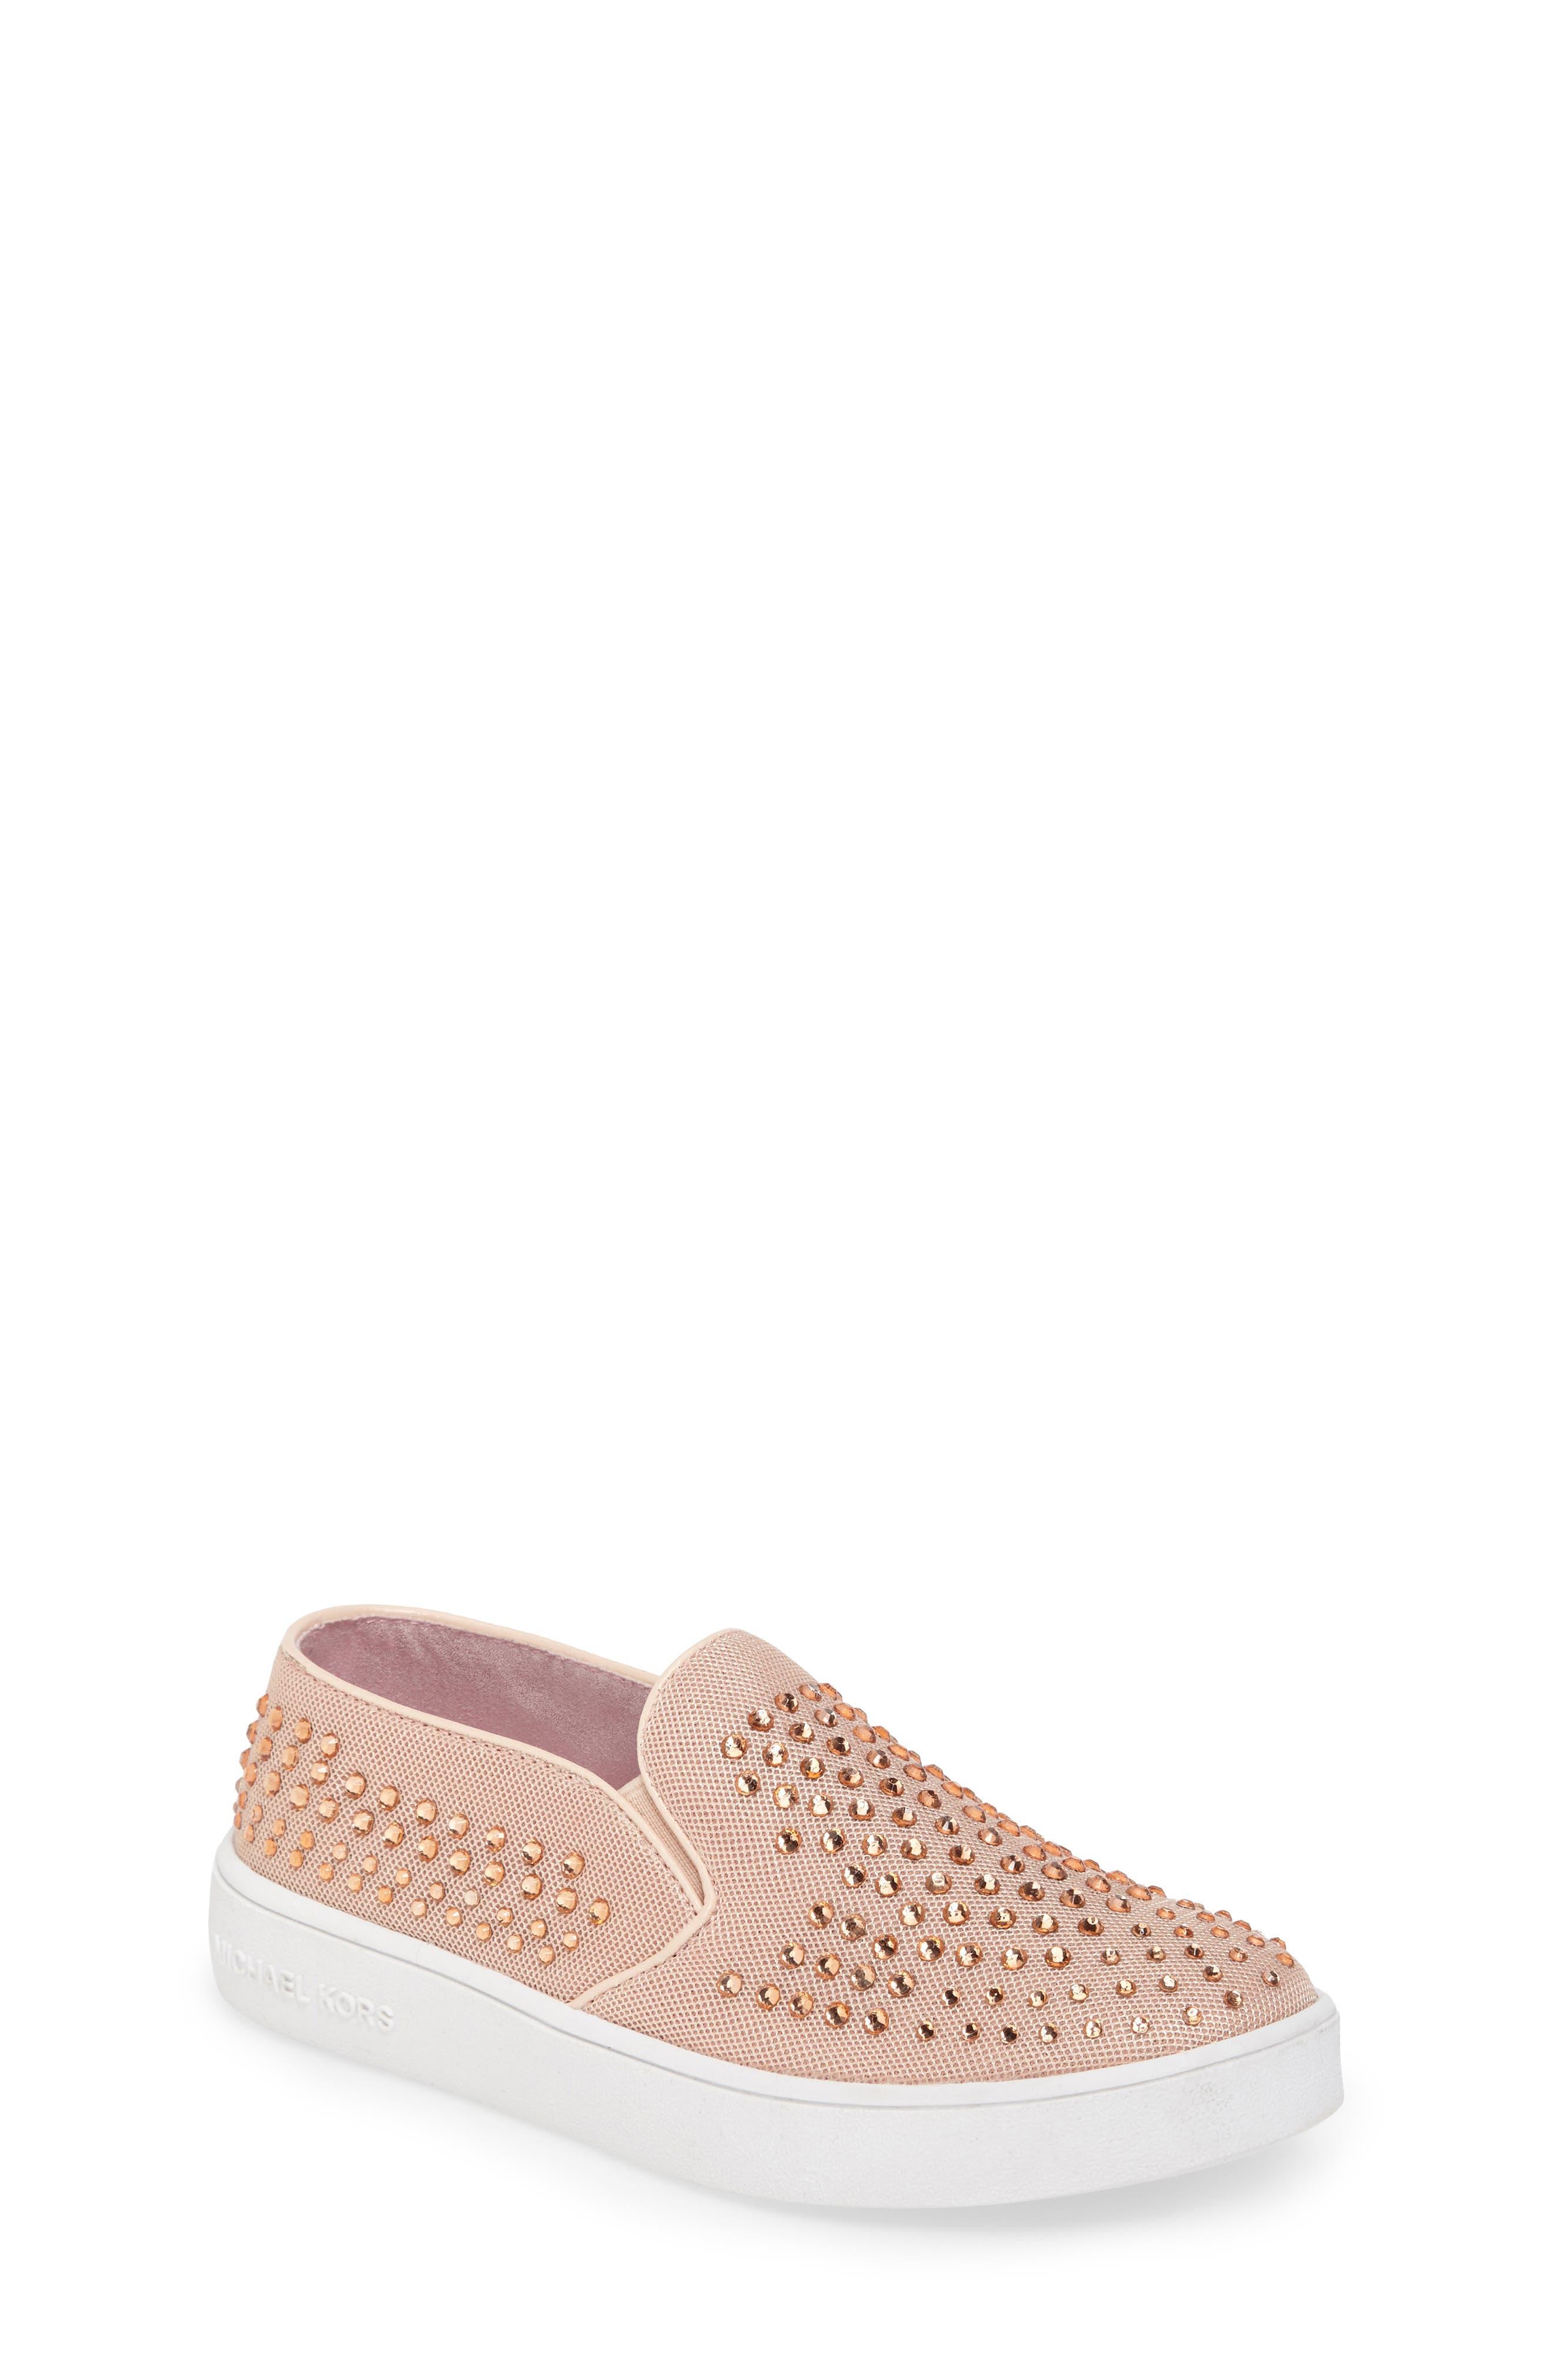 MICHAEL Michael Kors Ivy Meadow Slip-On Sneaker (Walker, Toddler, Little Kid & Big Kid)